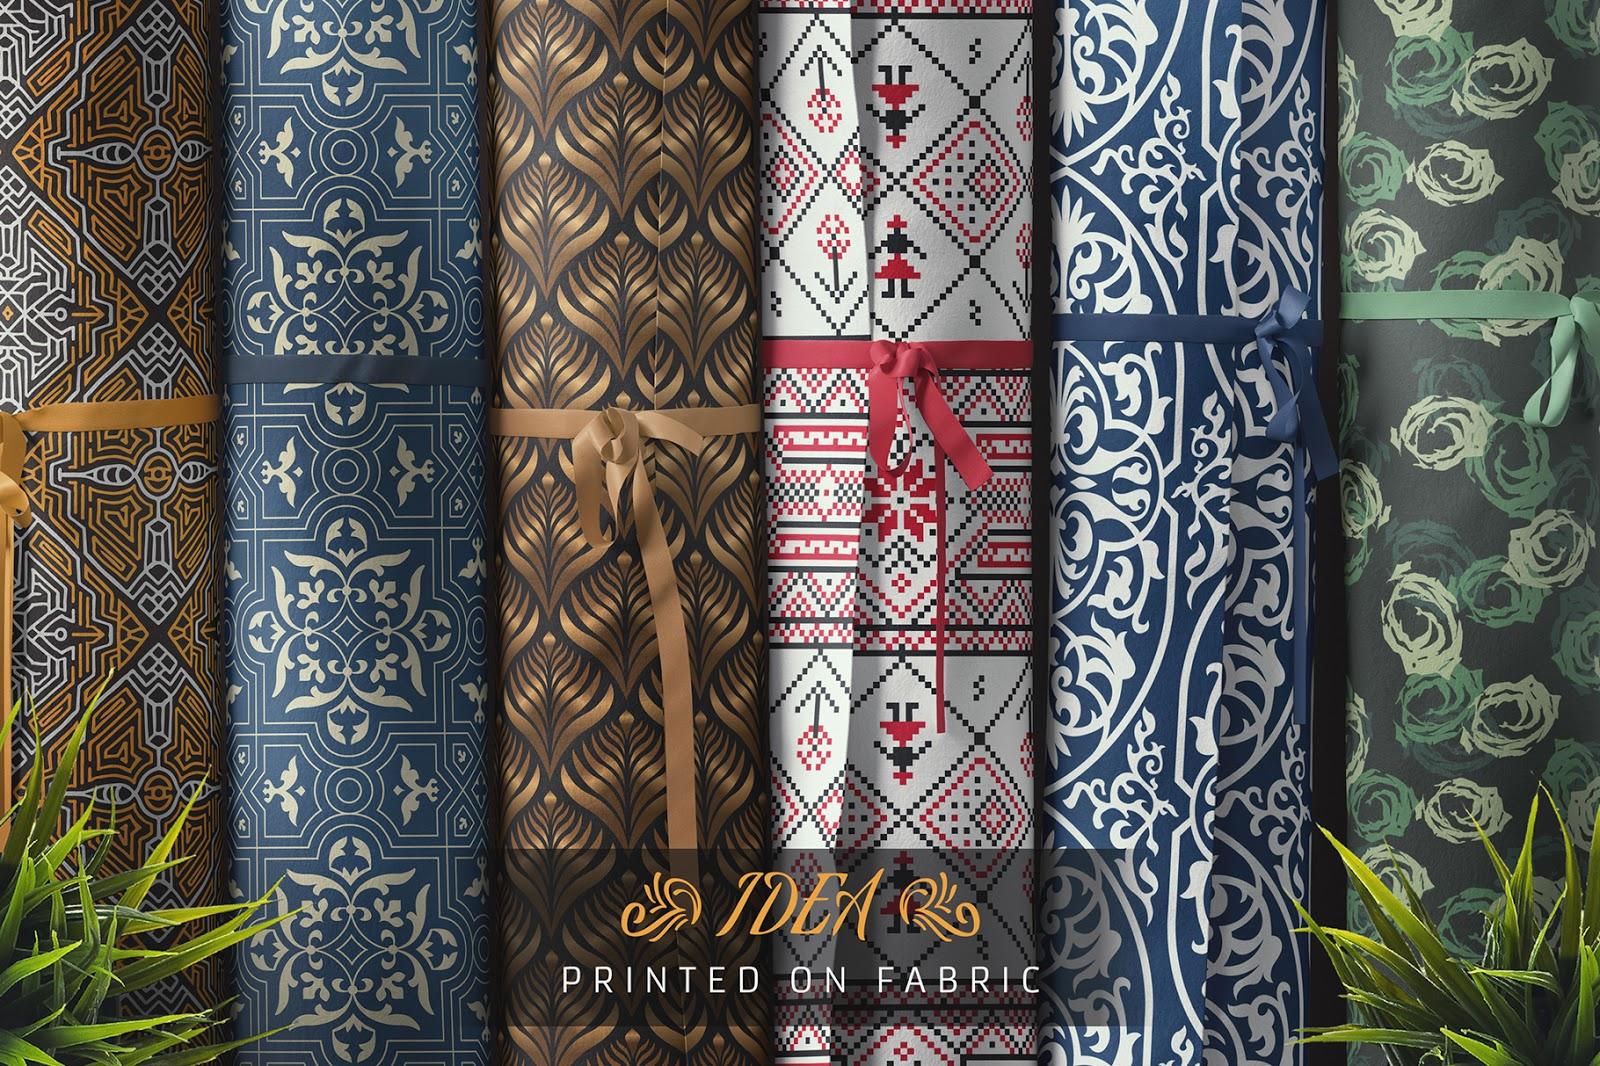 حقيبة عناصر الطباعة على الخامات اكثر من 1300 عنصر للطباعة على الجلد الورق الاقمشة وكل شيئ